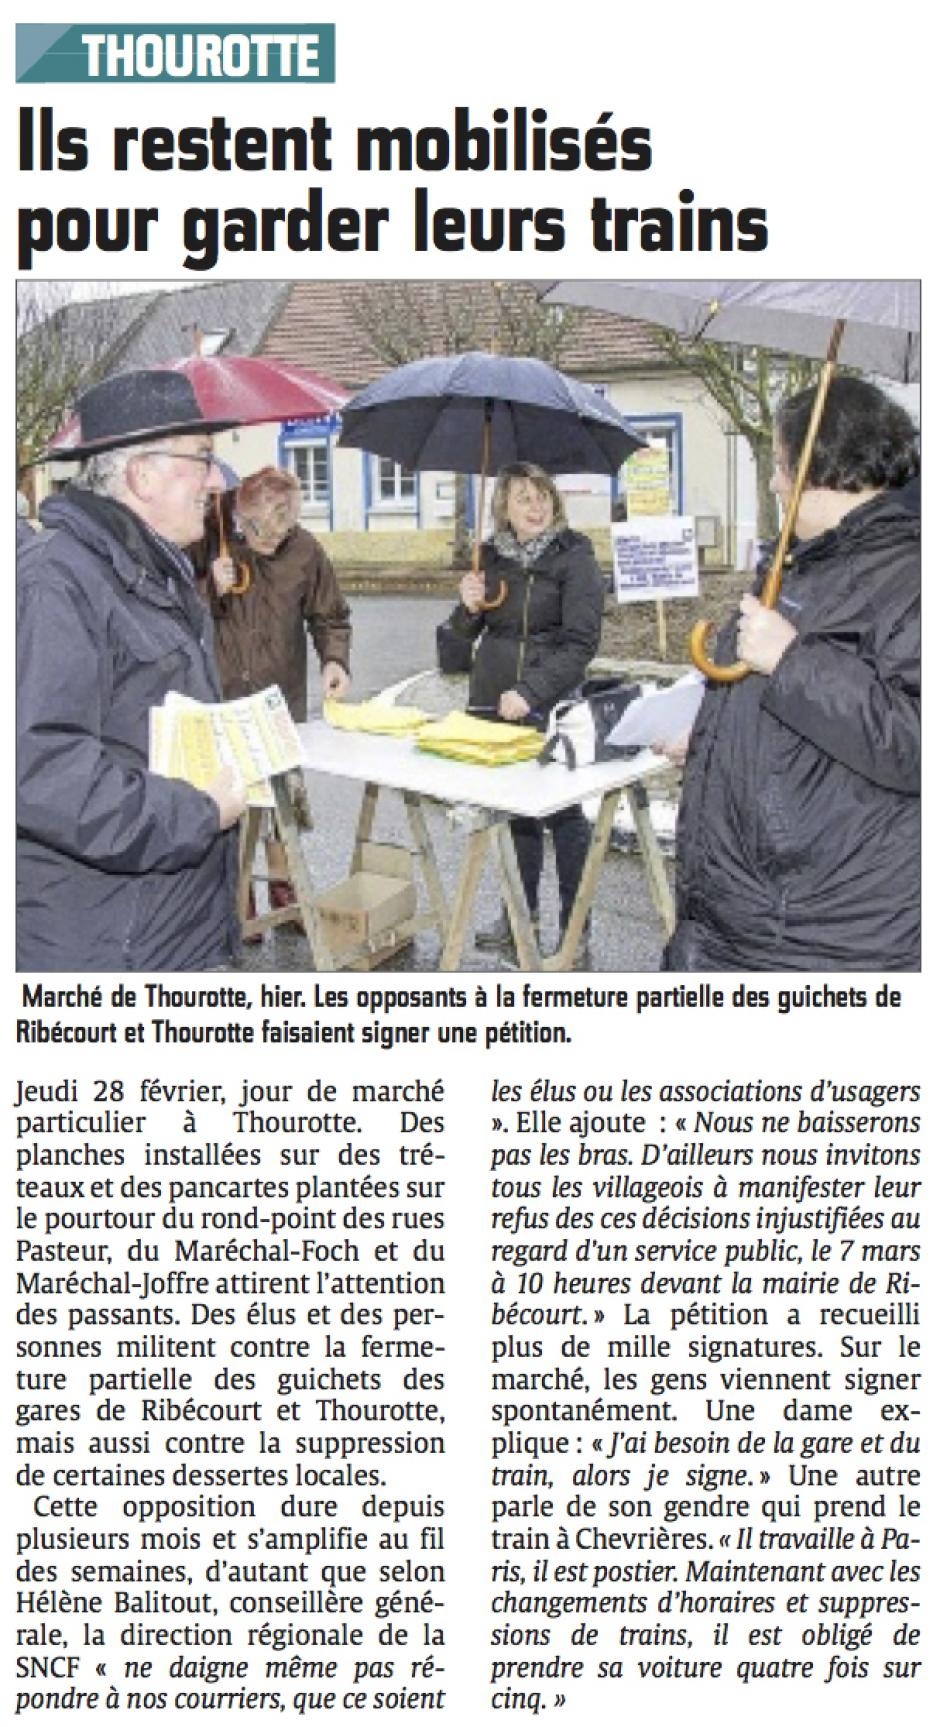 20150227-CP-Thourotte-Ils restent mobilisés pour garder leurs trains